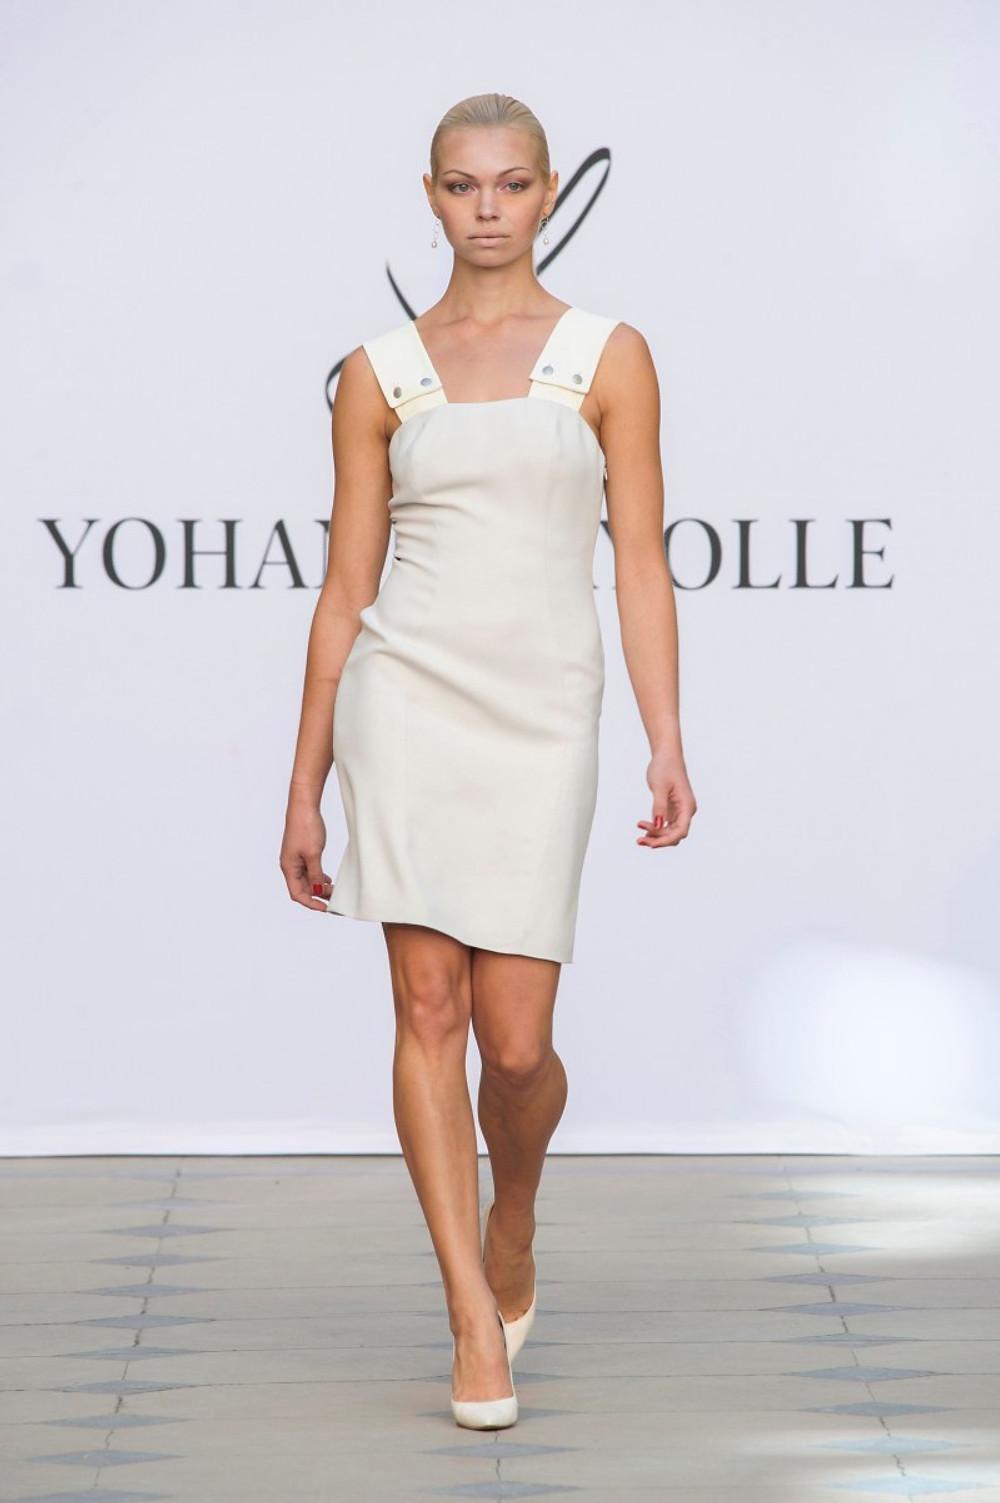 Défilé YOHANN FAYOLLE | PARIS FASHION WEEK printemps été 2017